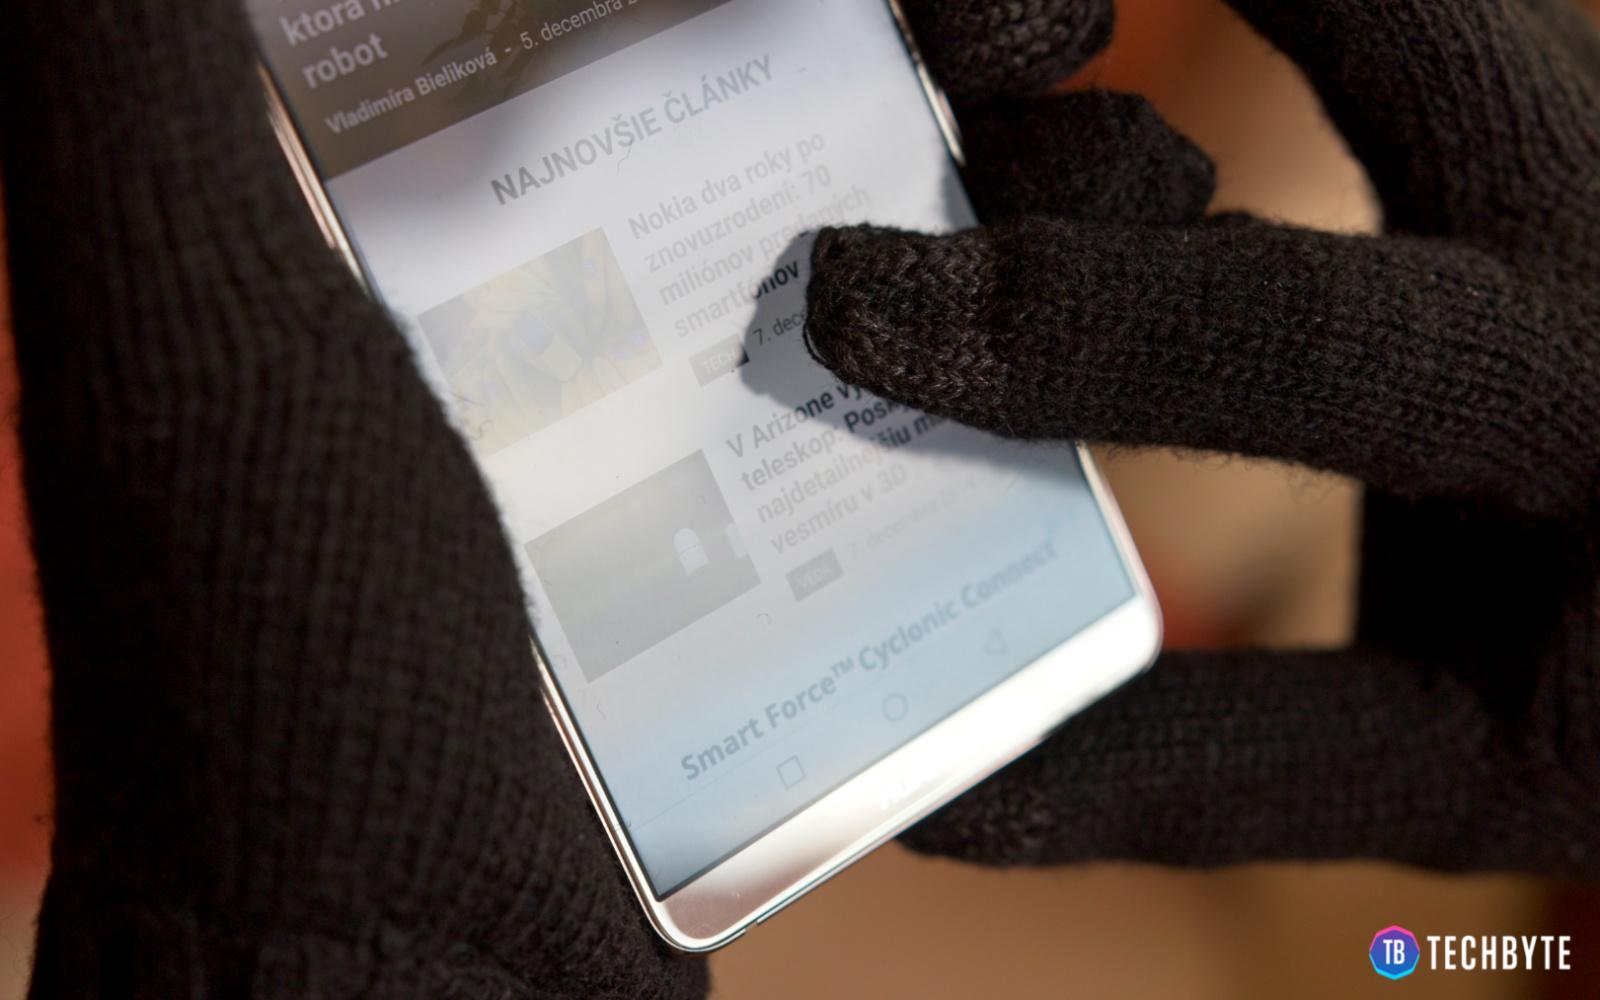 Smart rukavice